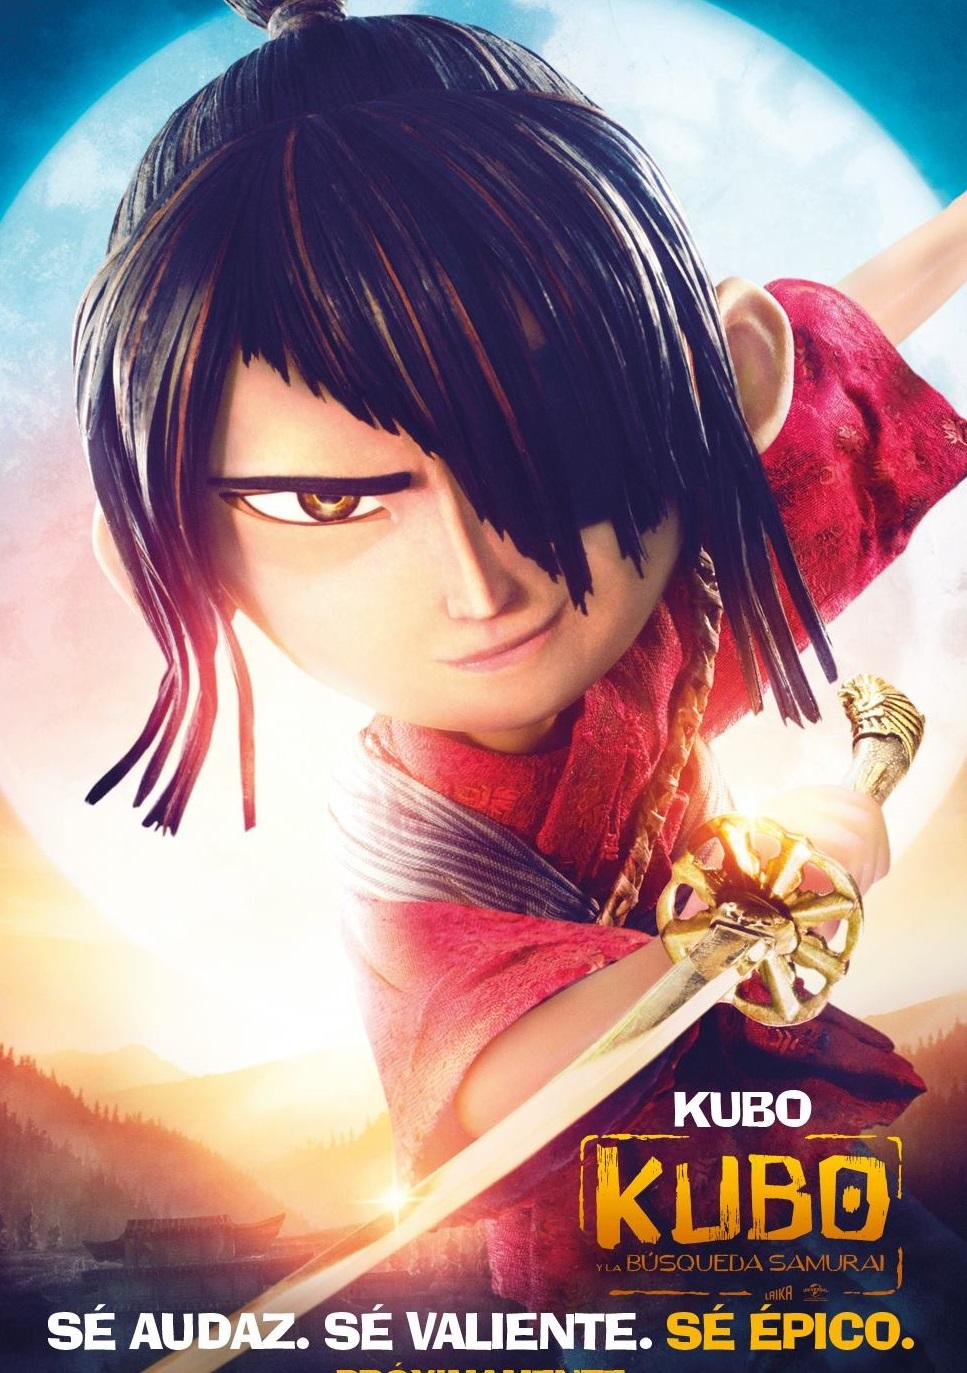 Photo of Kubo y la Busqueda del Samurai